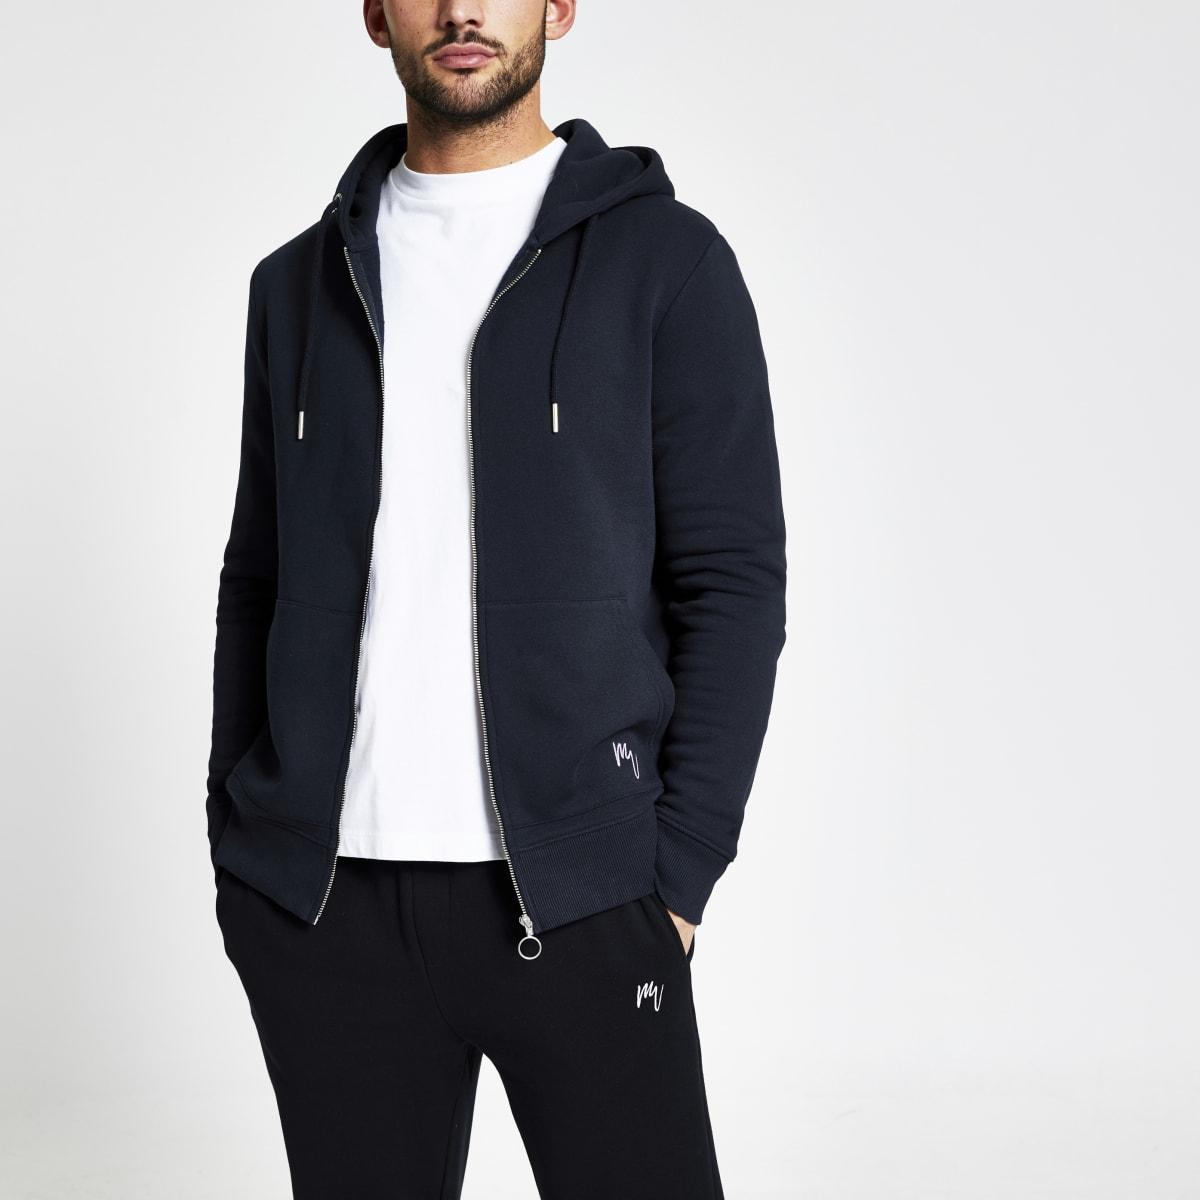 Maison Riviera navy slim fit zip up hoodie